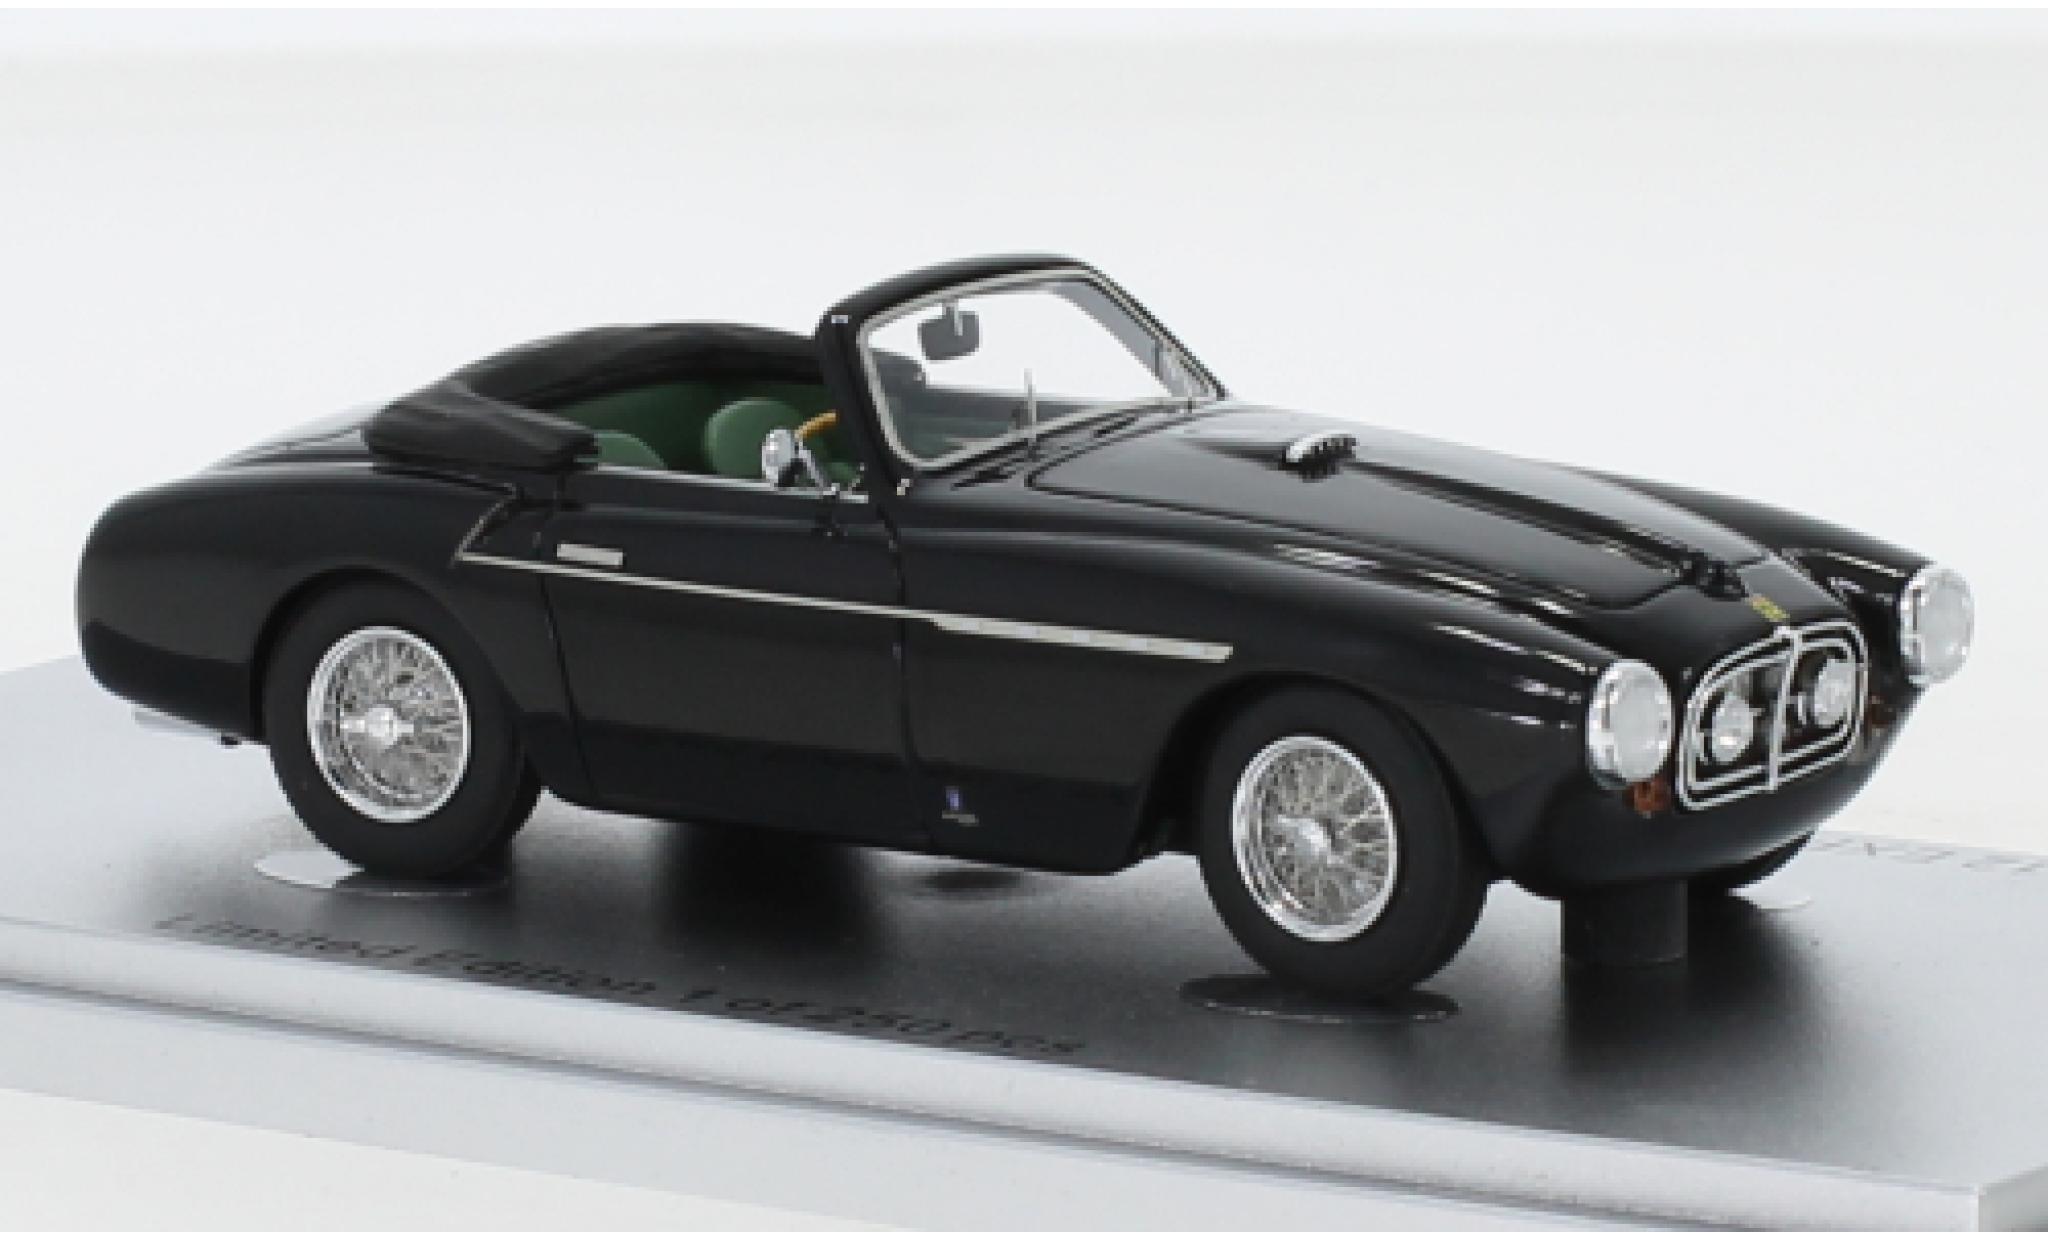 Ferrari 212 1/43 Kess Export Vignale Spider noire RHD 1951 Verdeck ouvert châssis No.0106E